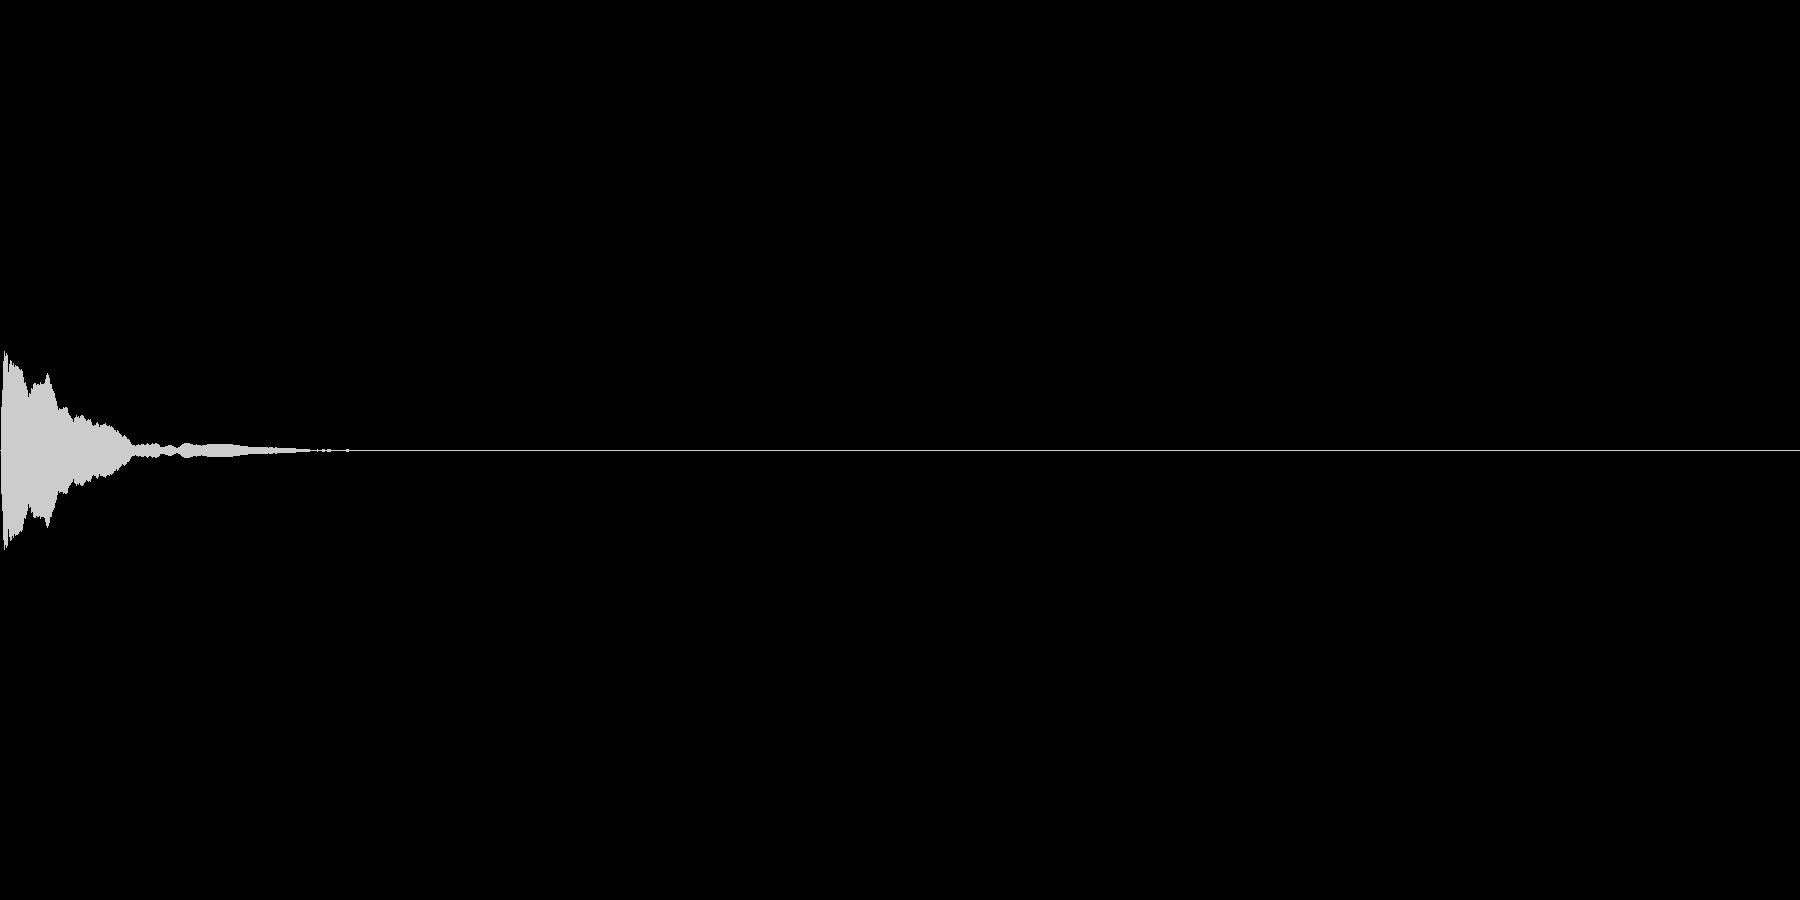 カーソル移動音(マリンバ)の未再生の波形